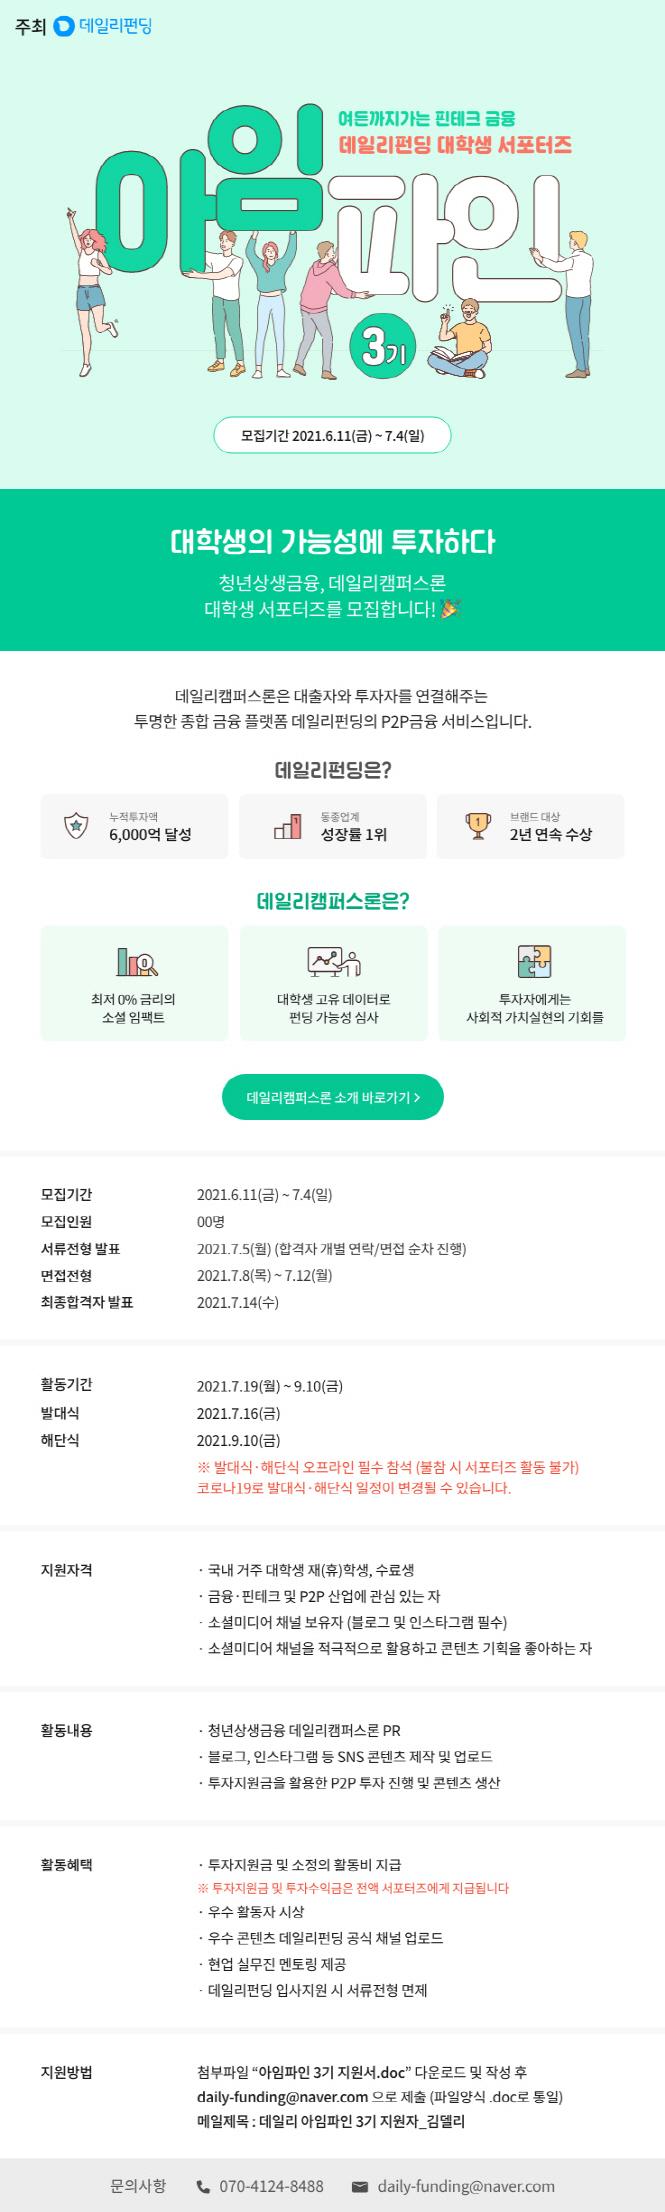 [데일리펀딩 핀테크 서포터즈] 데일리 아임파인 3기 모집! (~7/4)